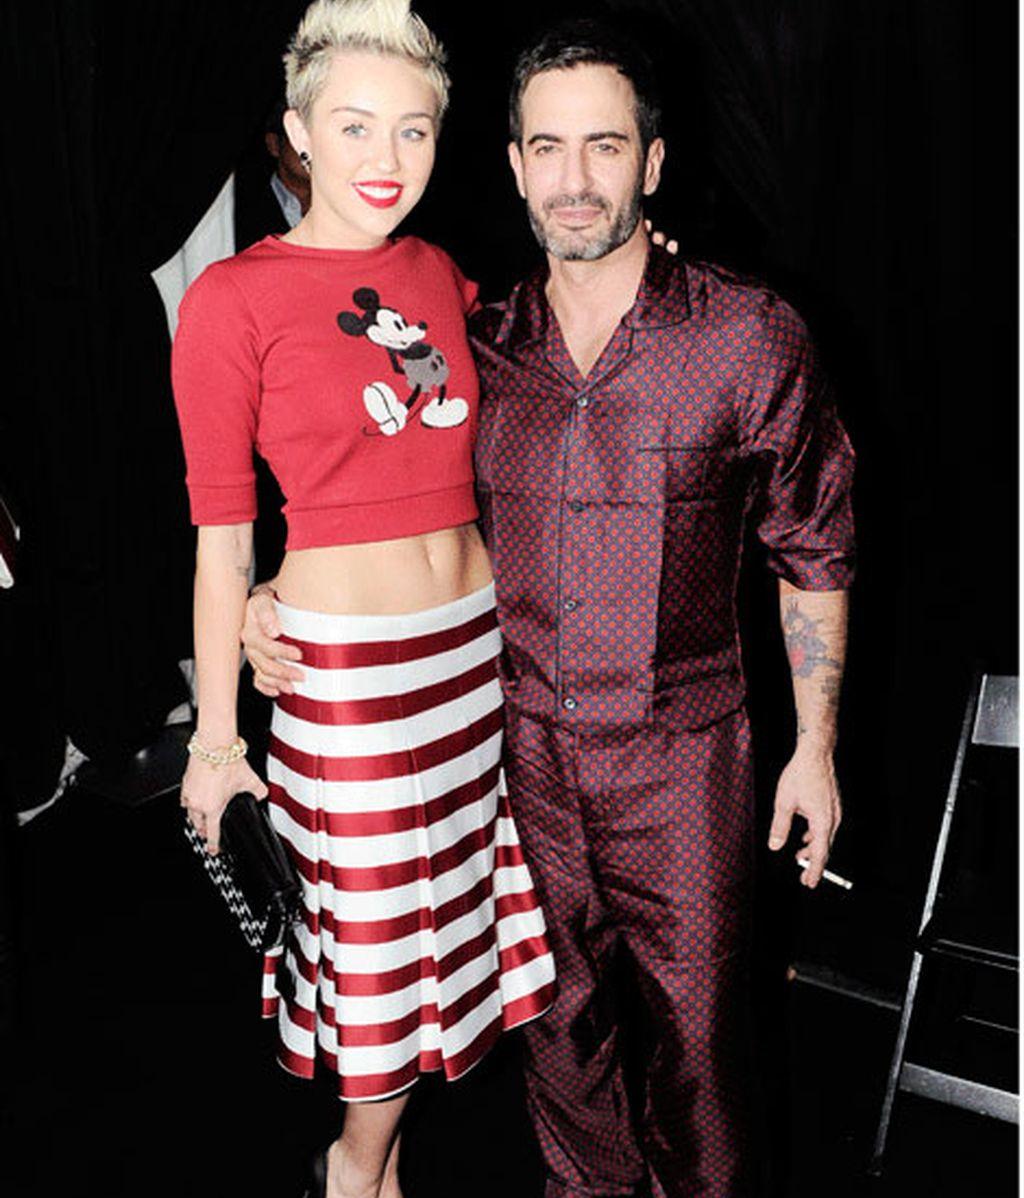 Miley Cyrus, enseñando ombligo, acompañada del diseñador Marc Jacobs.